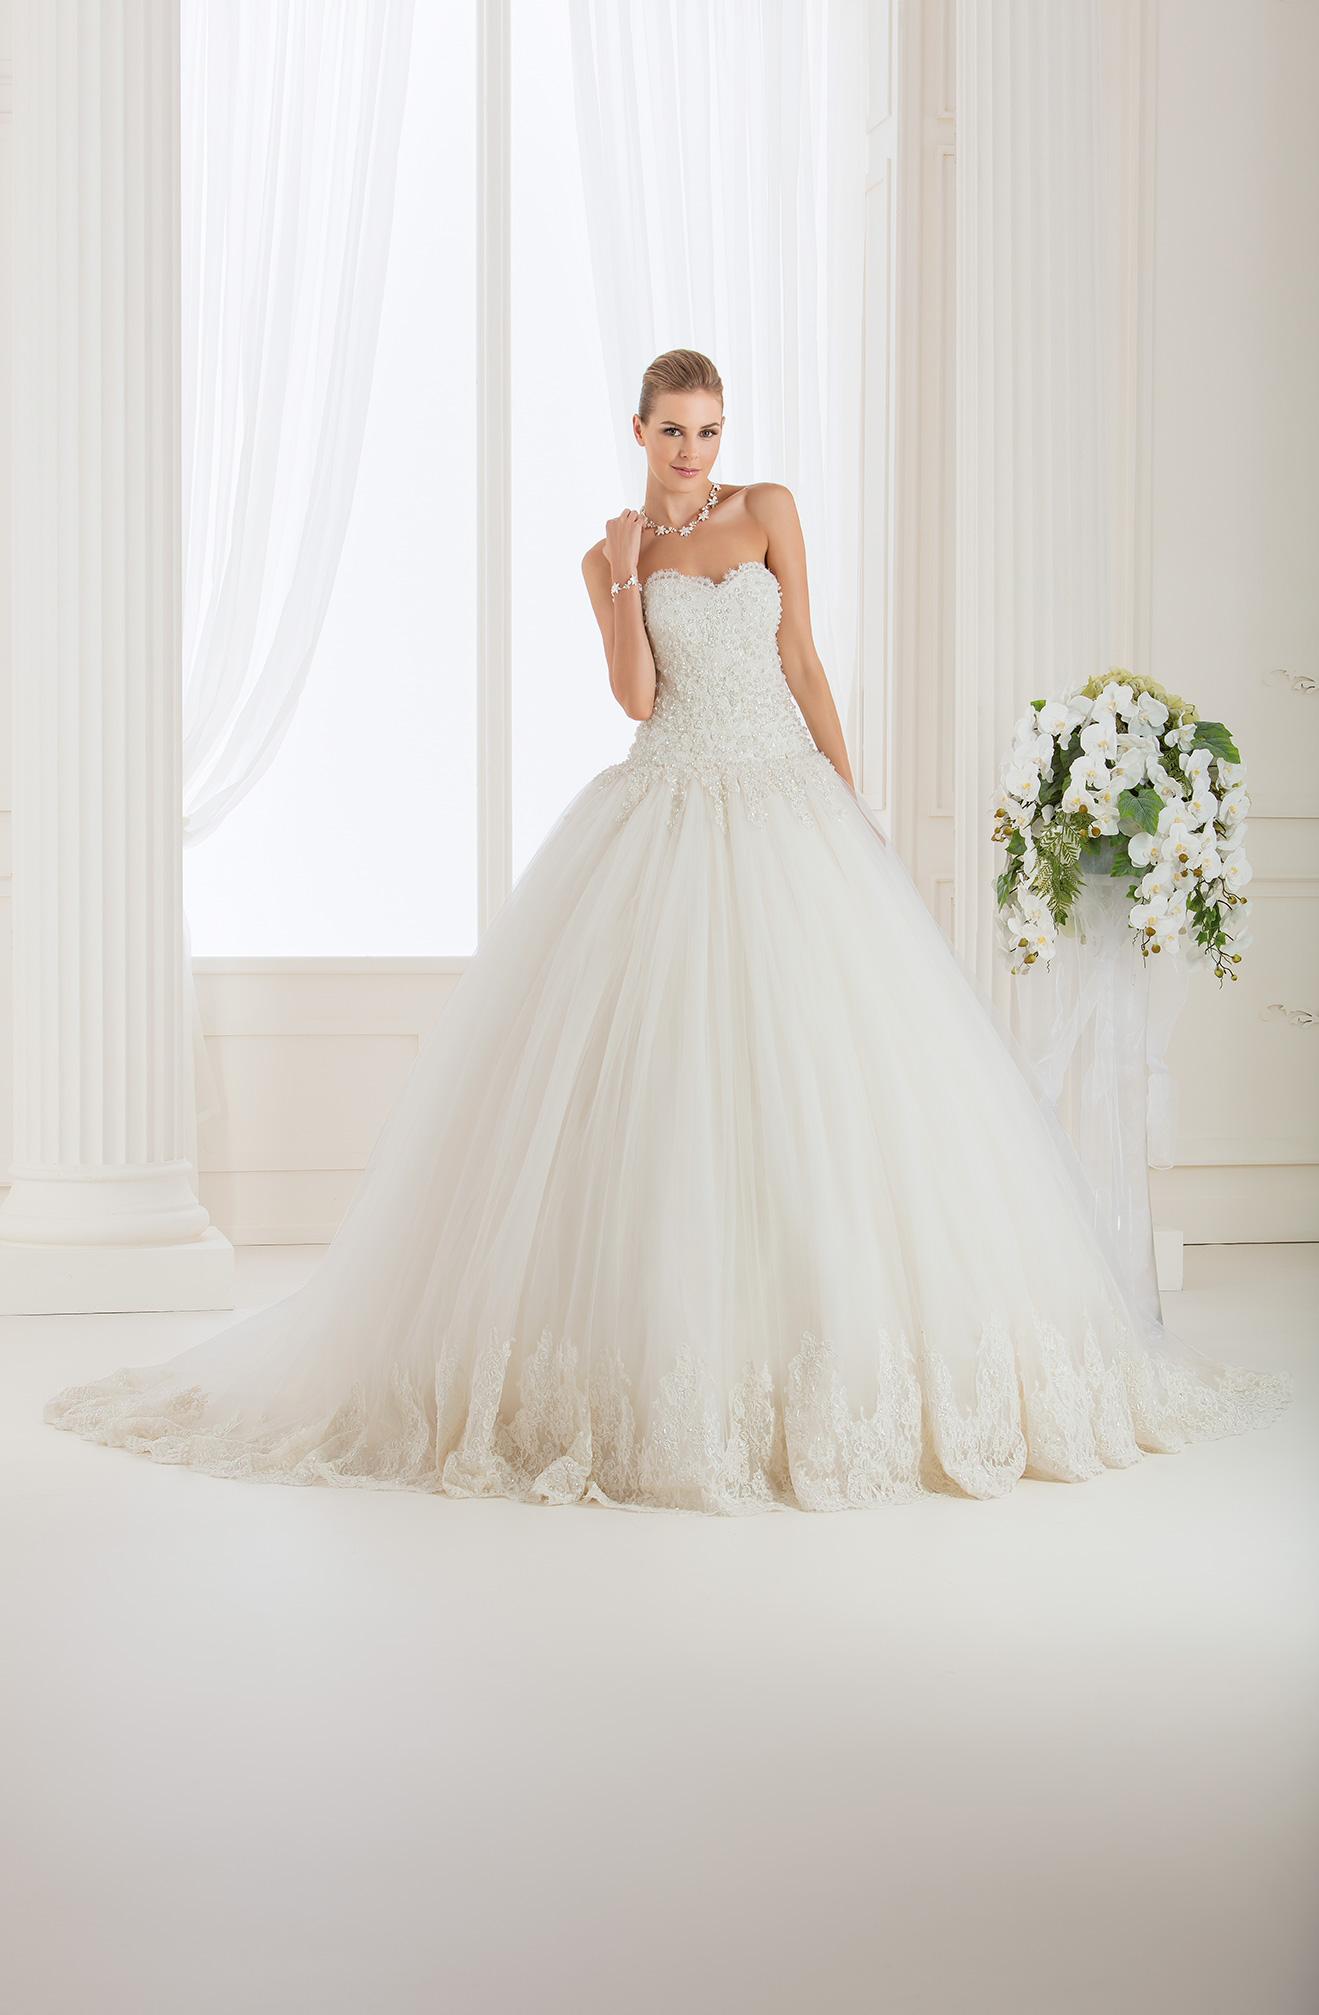 Abiti sposa impero couture 2015 – Modelli alla moda di abiti 2018 be020821f962